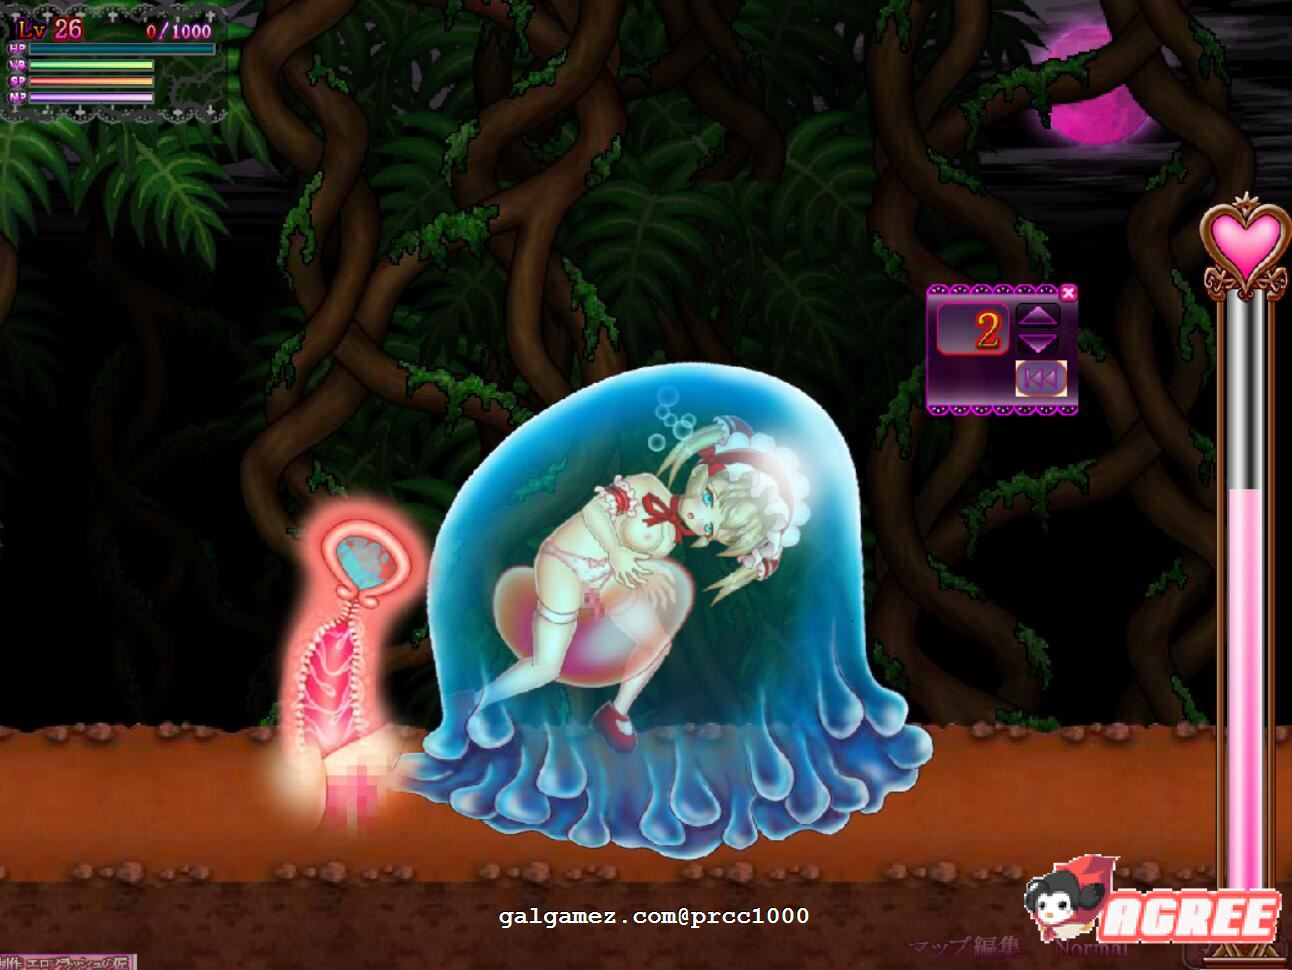 【重抠异种ACT/全动态】爱丽丝与幻惑的魔窟迷宫 V.200824/附全开存档【2G/更新/全CV】 12